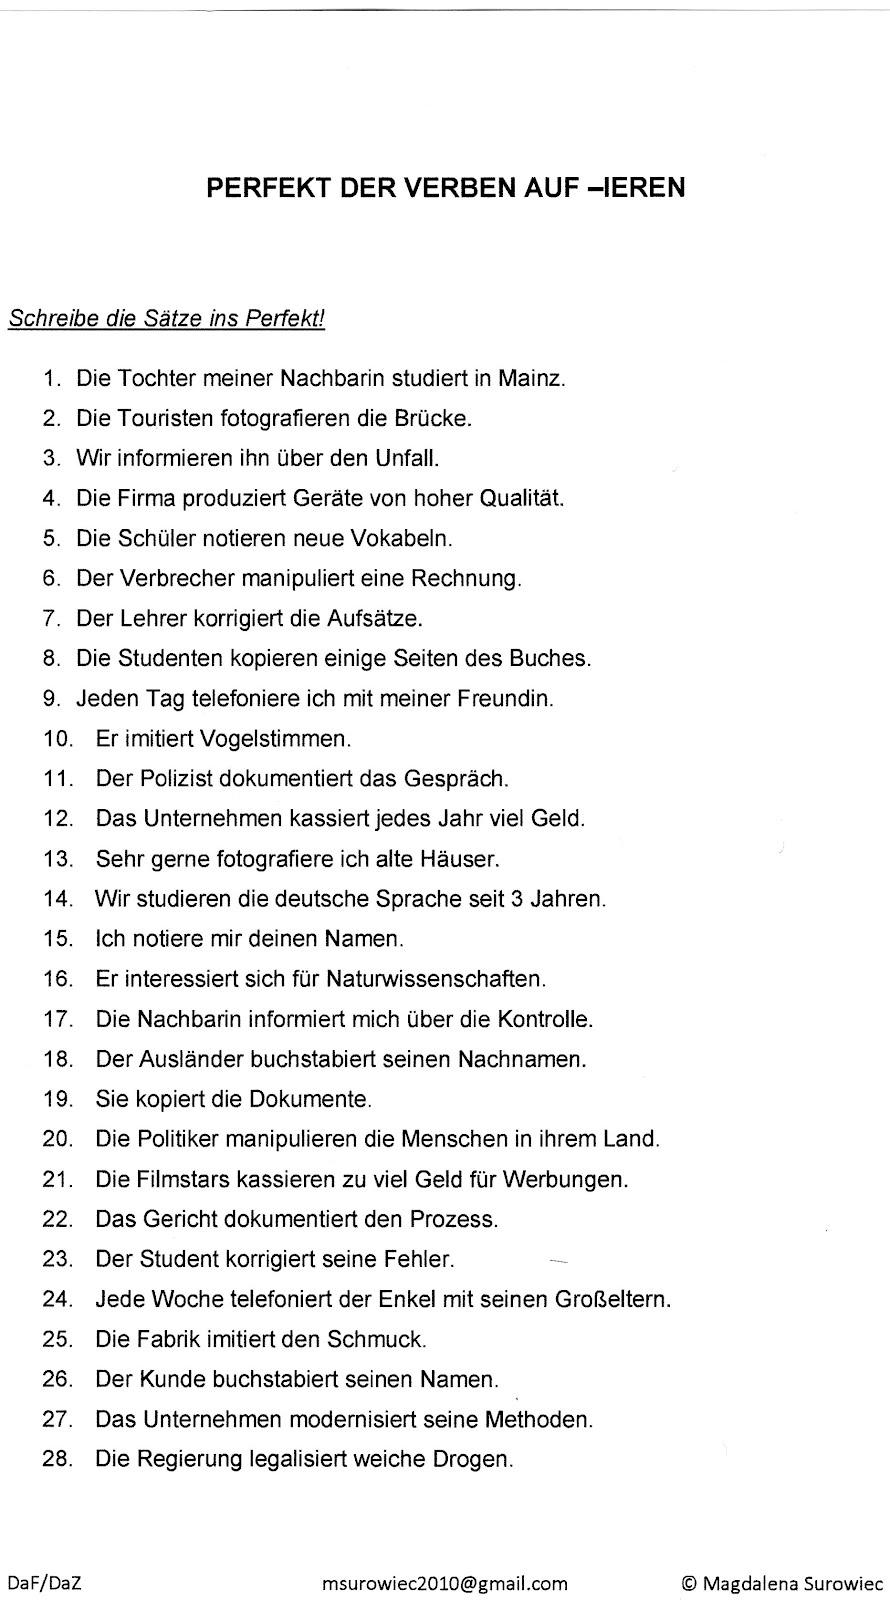 Arbeitsblatt Vorschule deutsche sätze bilden : u0026quot;Aspekte der Germanistiku0026quot;: Eine u00dcbung zum Perfekt der Verben auf -ieren